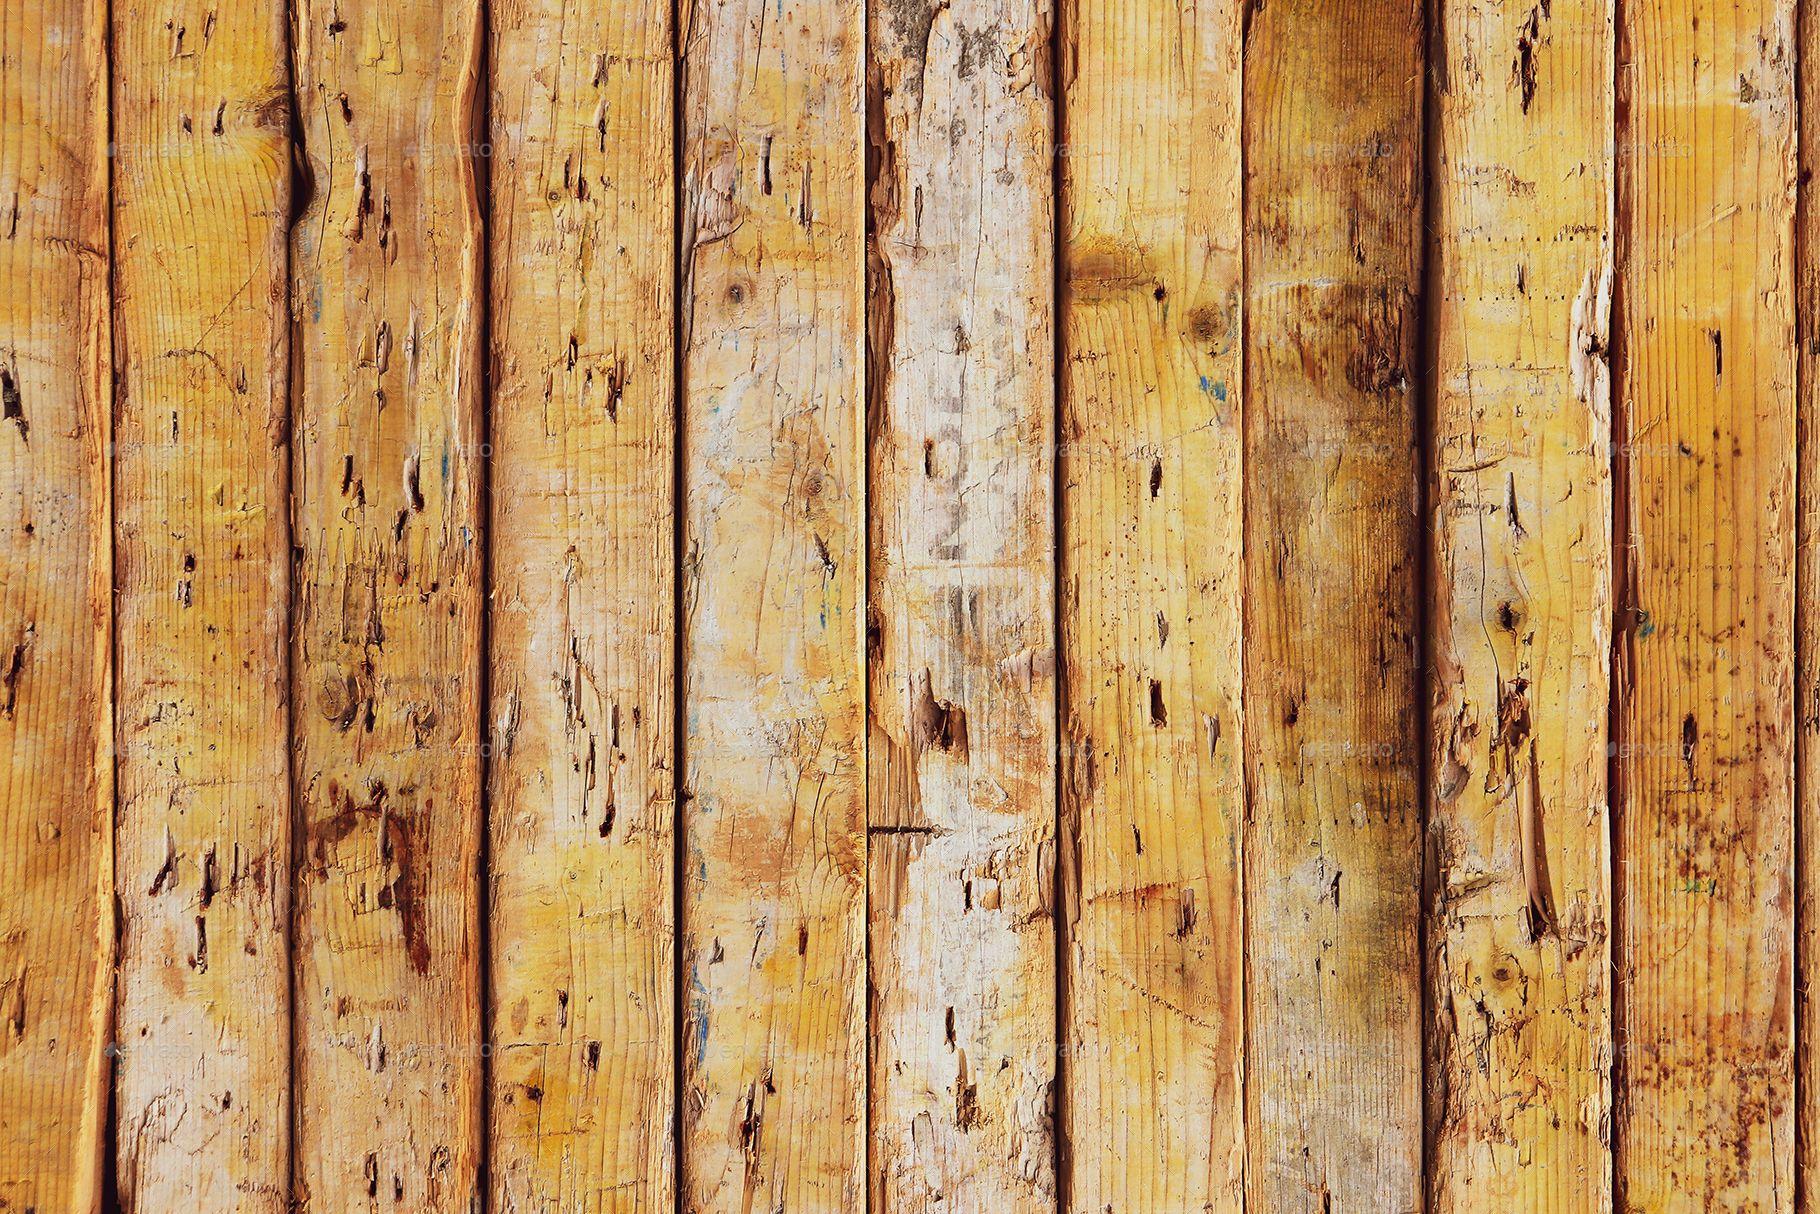 30 Wood Planks Textures Wood Plank Texture Wood Planks Wood